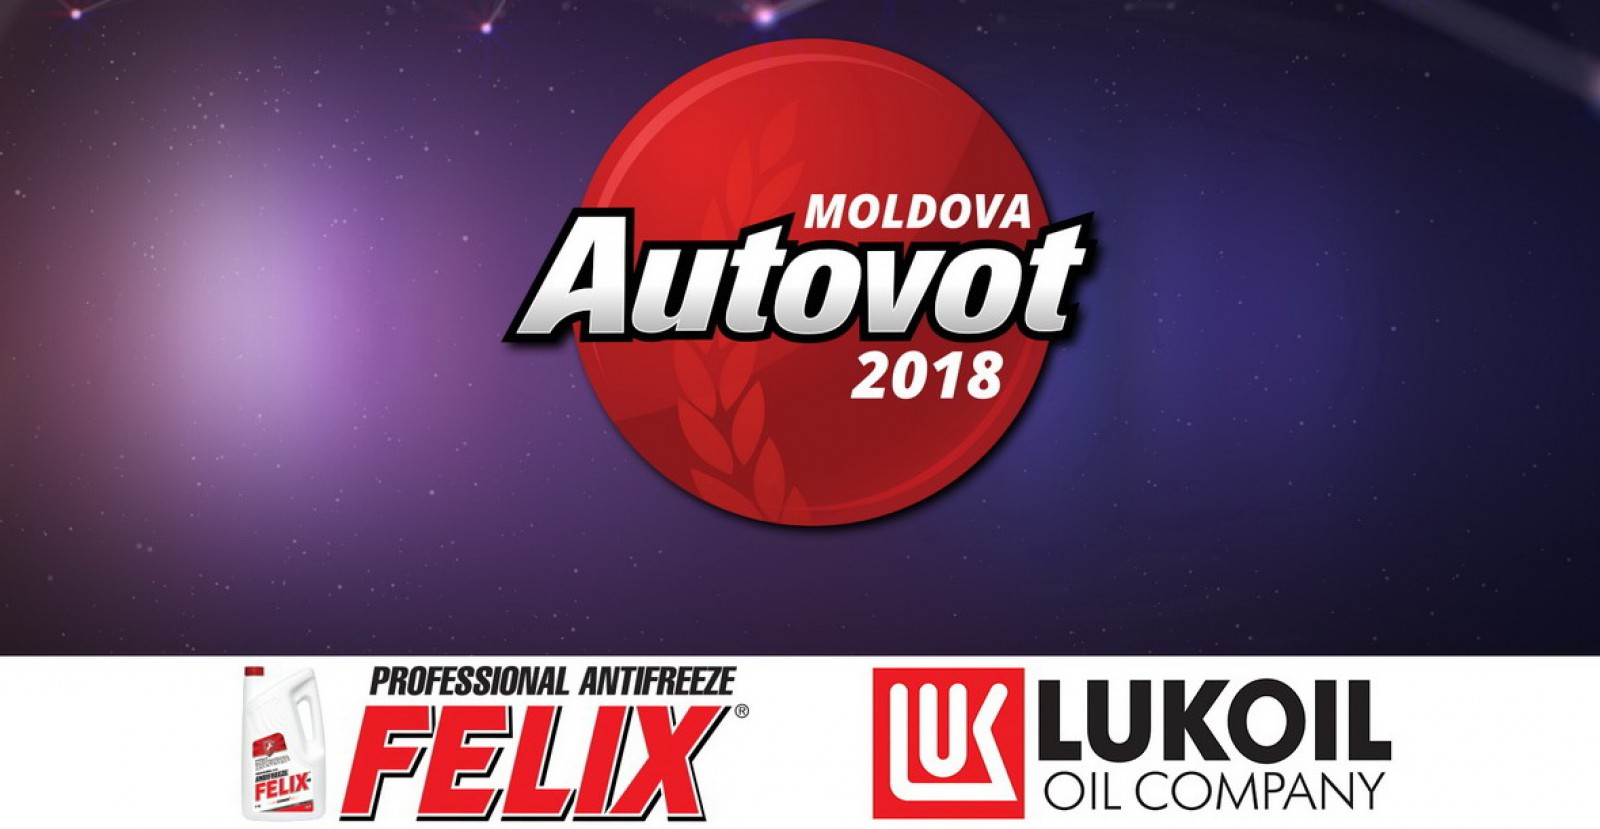 Din 14 mai pe Autoblog.MD debutează AUTOVOT MOLDOVA 2018. Marele premiu iPhone 8!